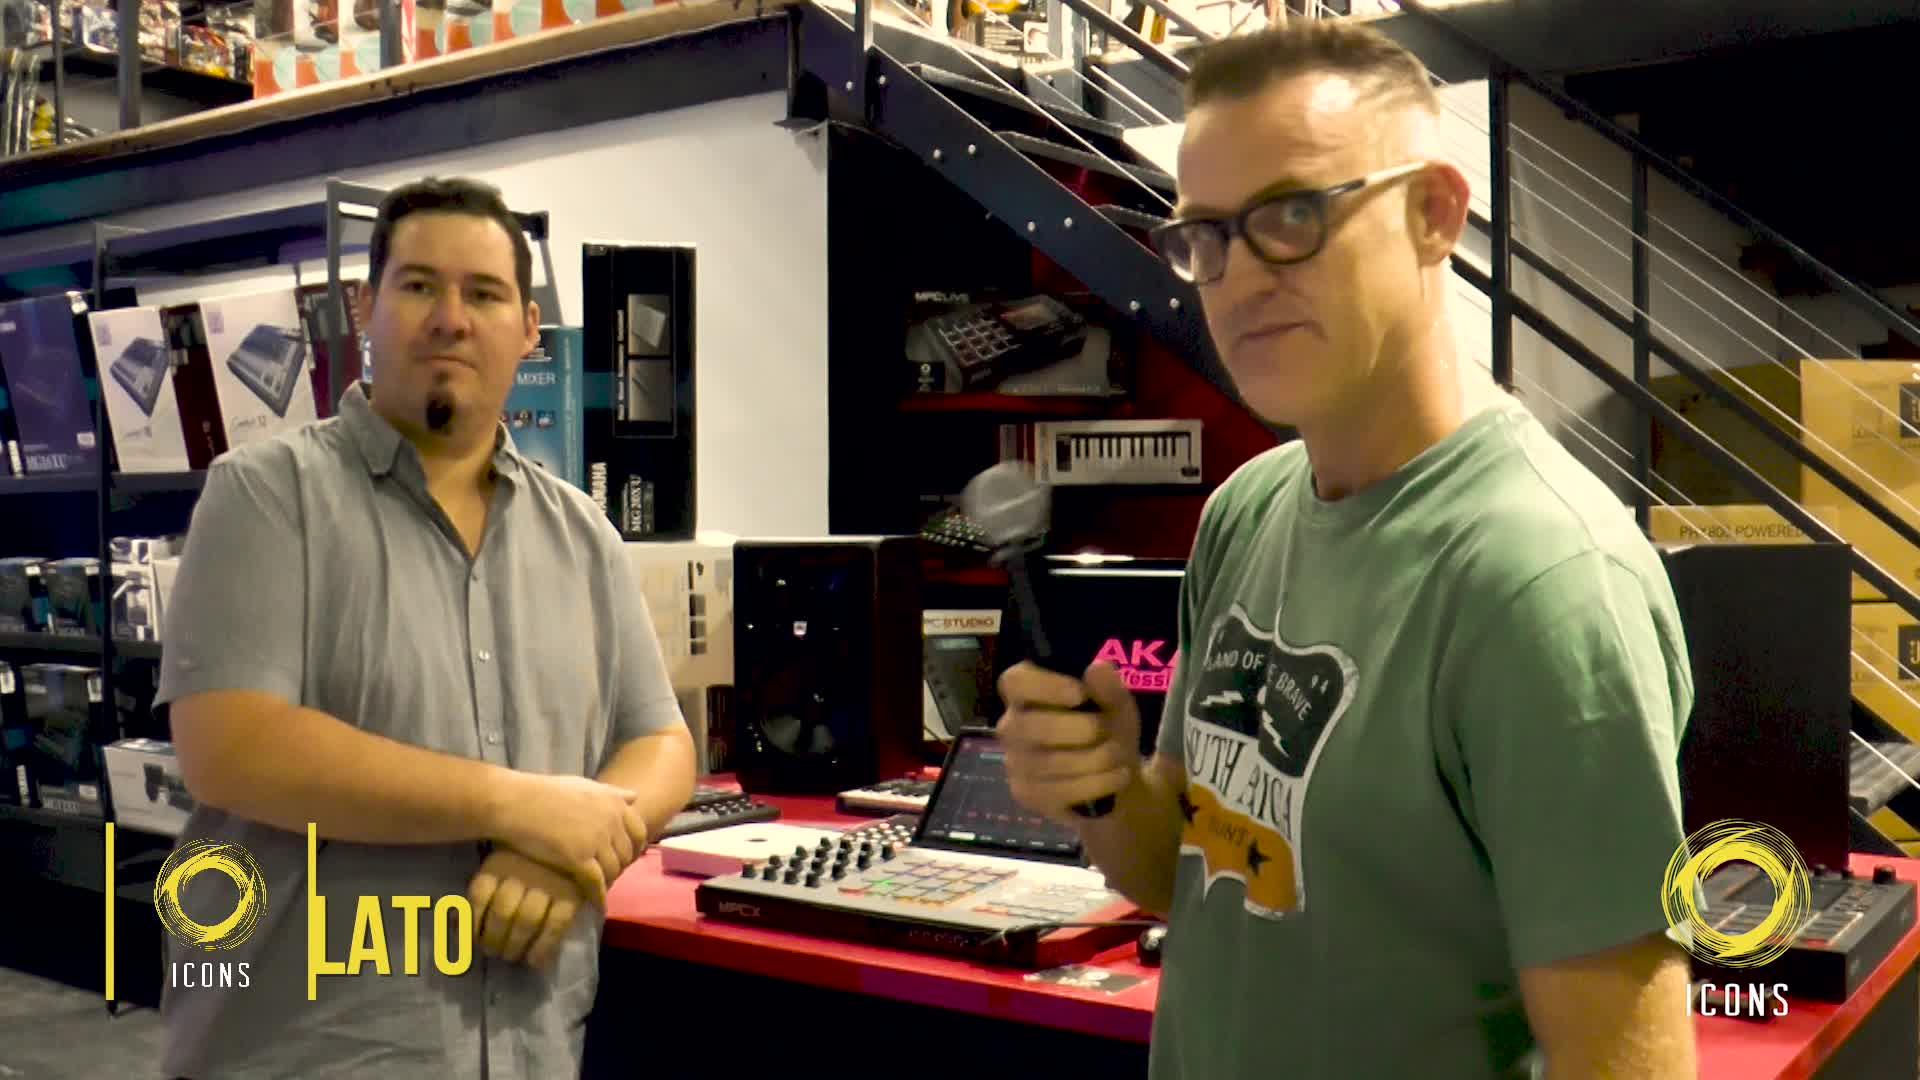 Icons TV - Akai Pro - Dave Skinz